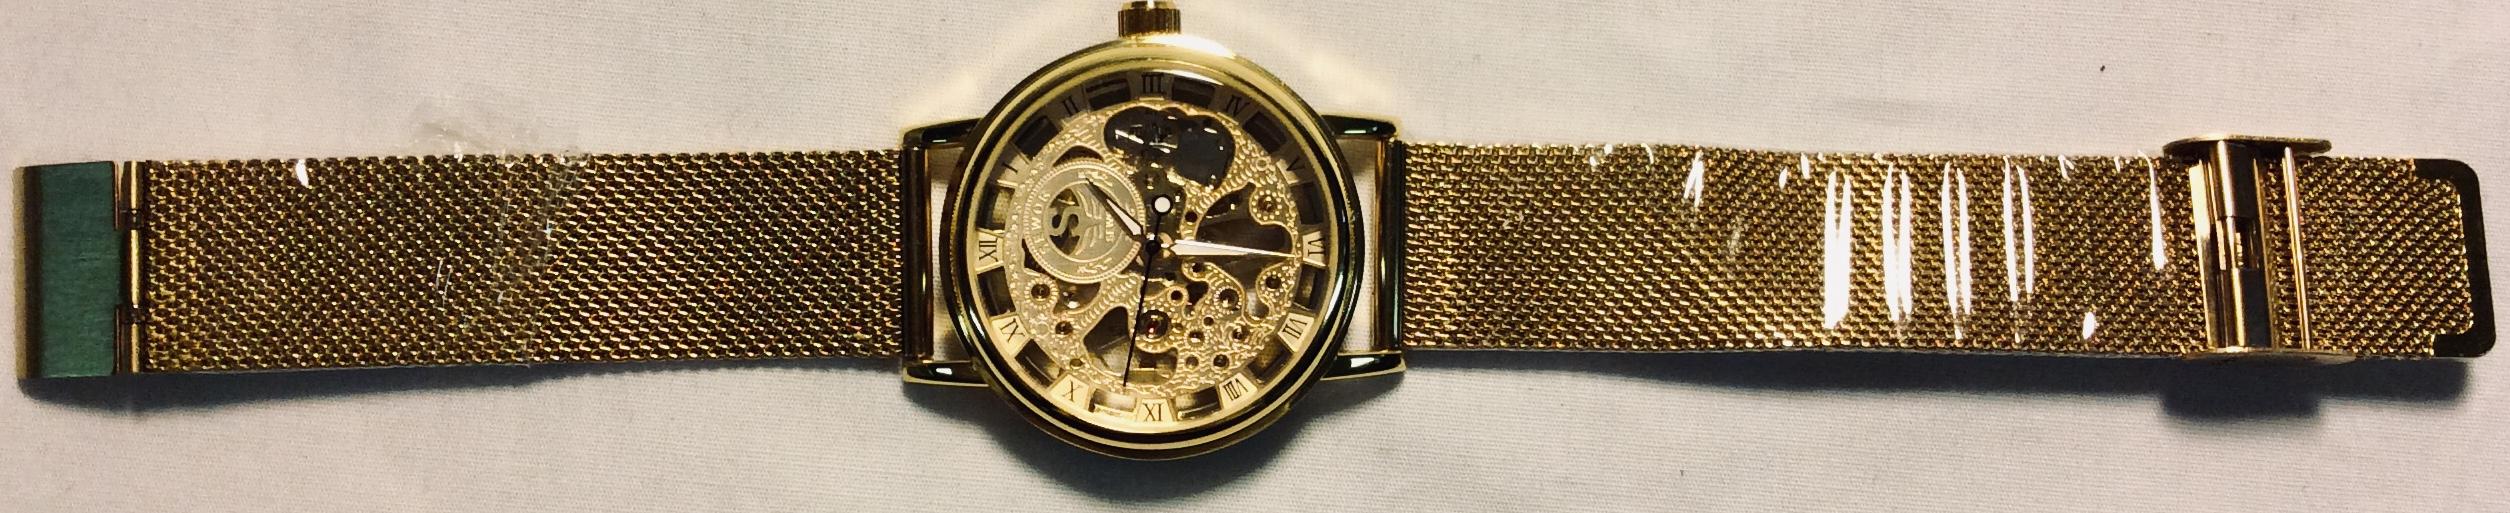 Sewor Gold metal casing, large gold